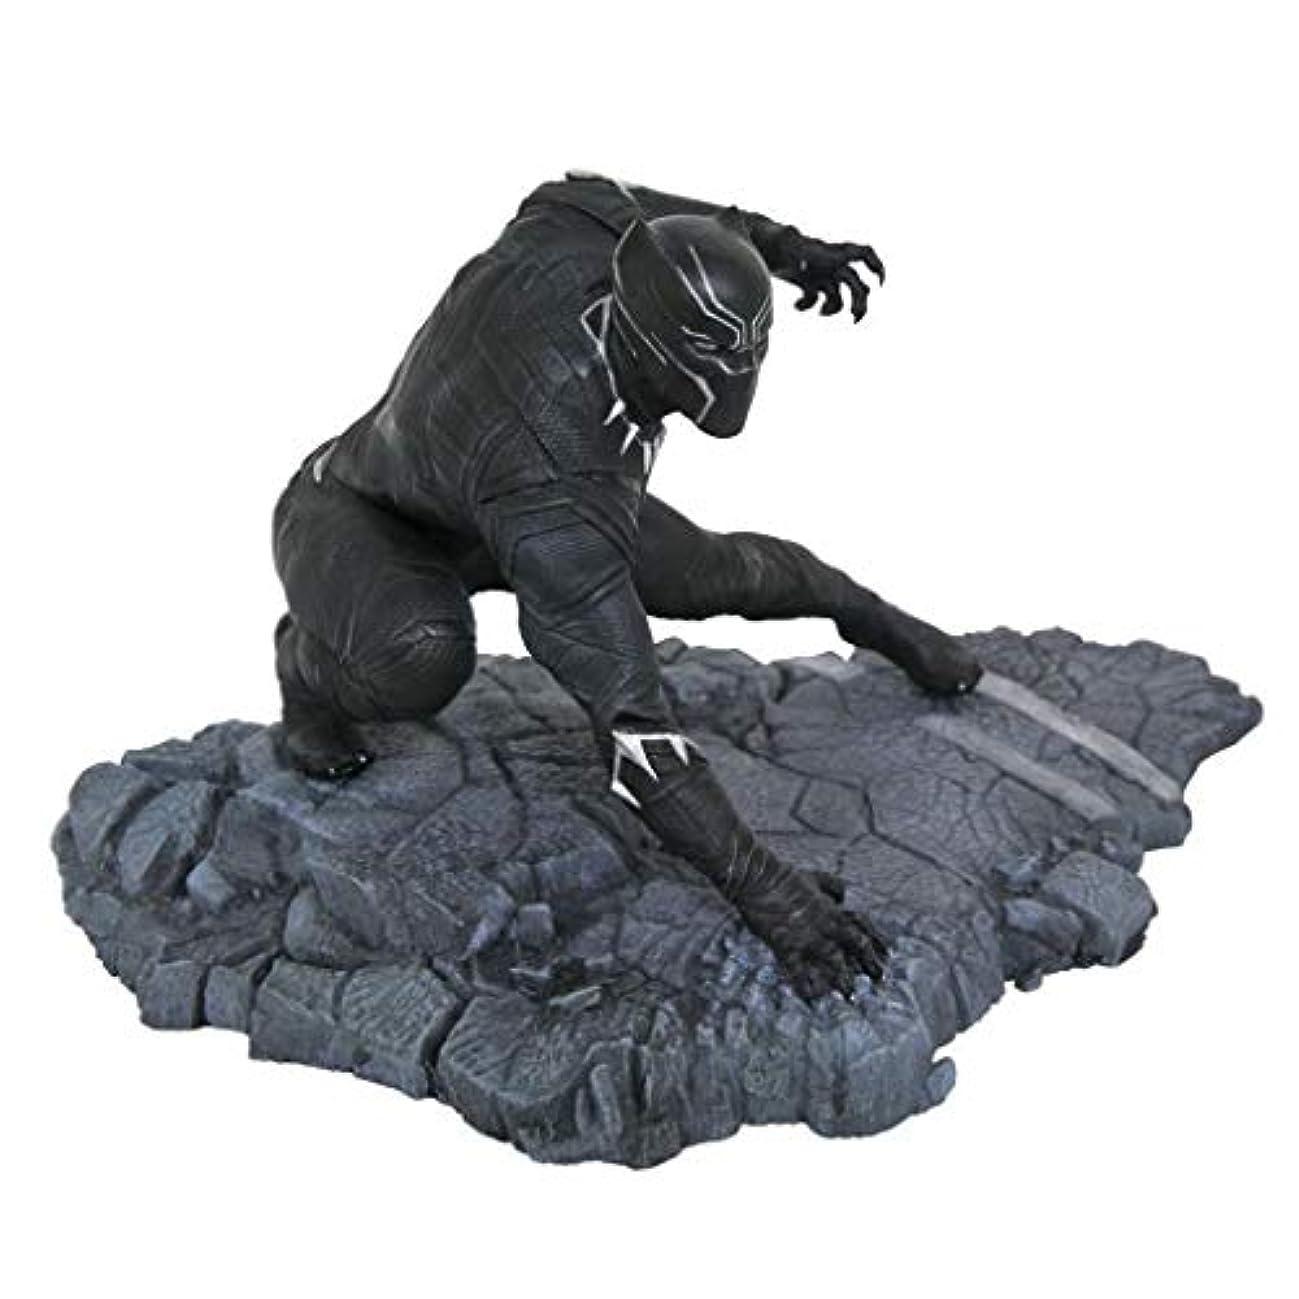 批評癒すコンドーム玩具像玩具モデル漫画キャラクターブラックパンサー映画シリーズキャラクターお土産像15センチ Hyococ